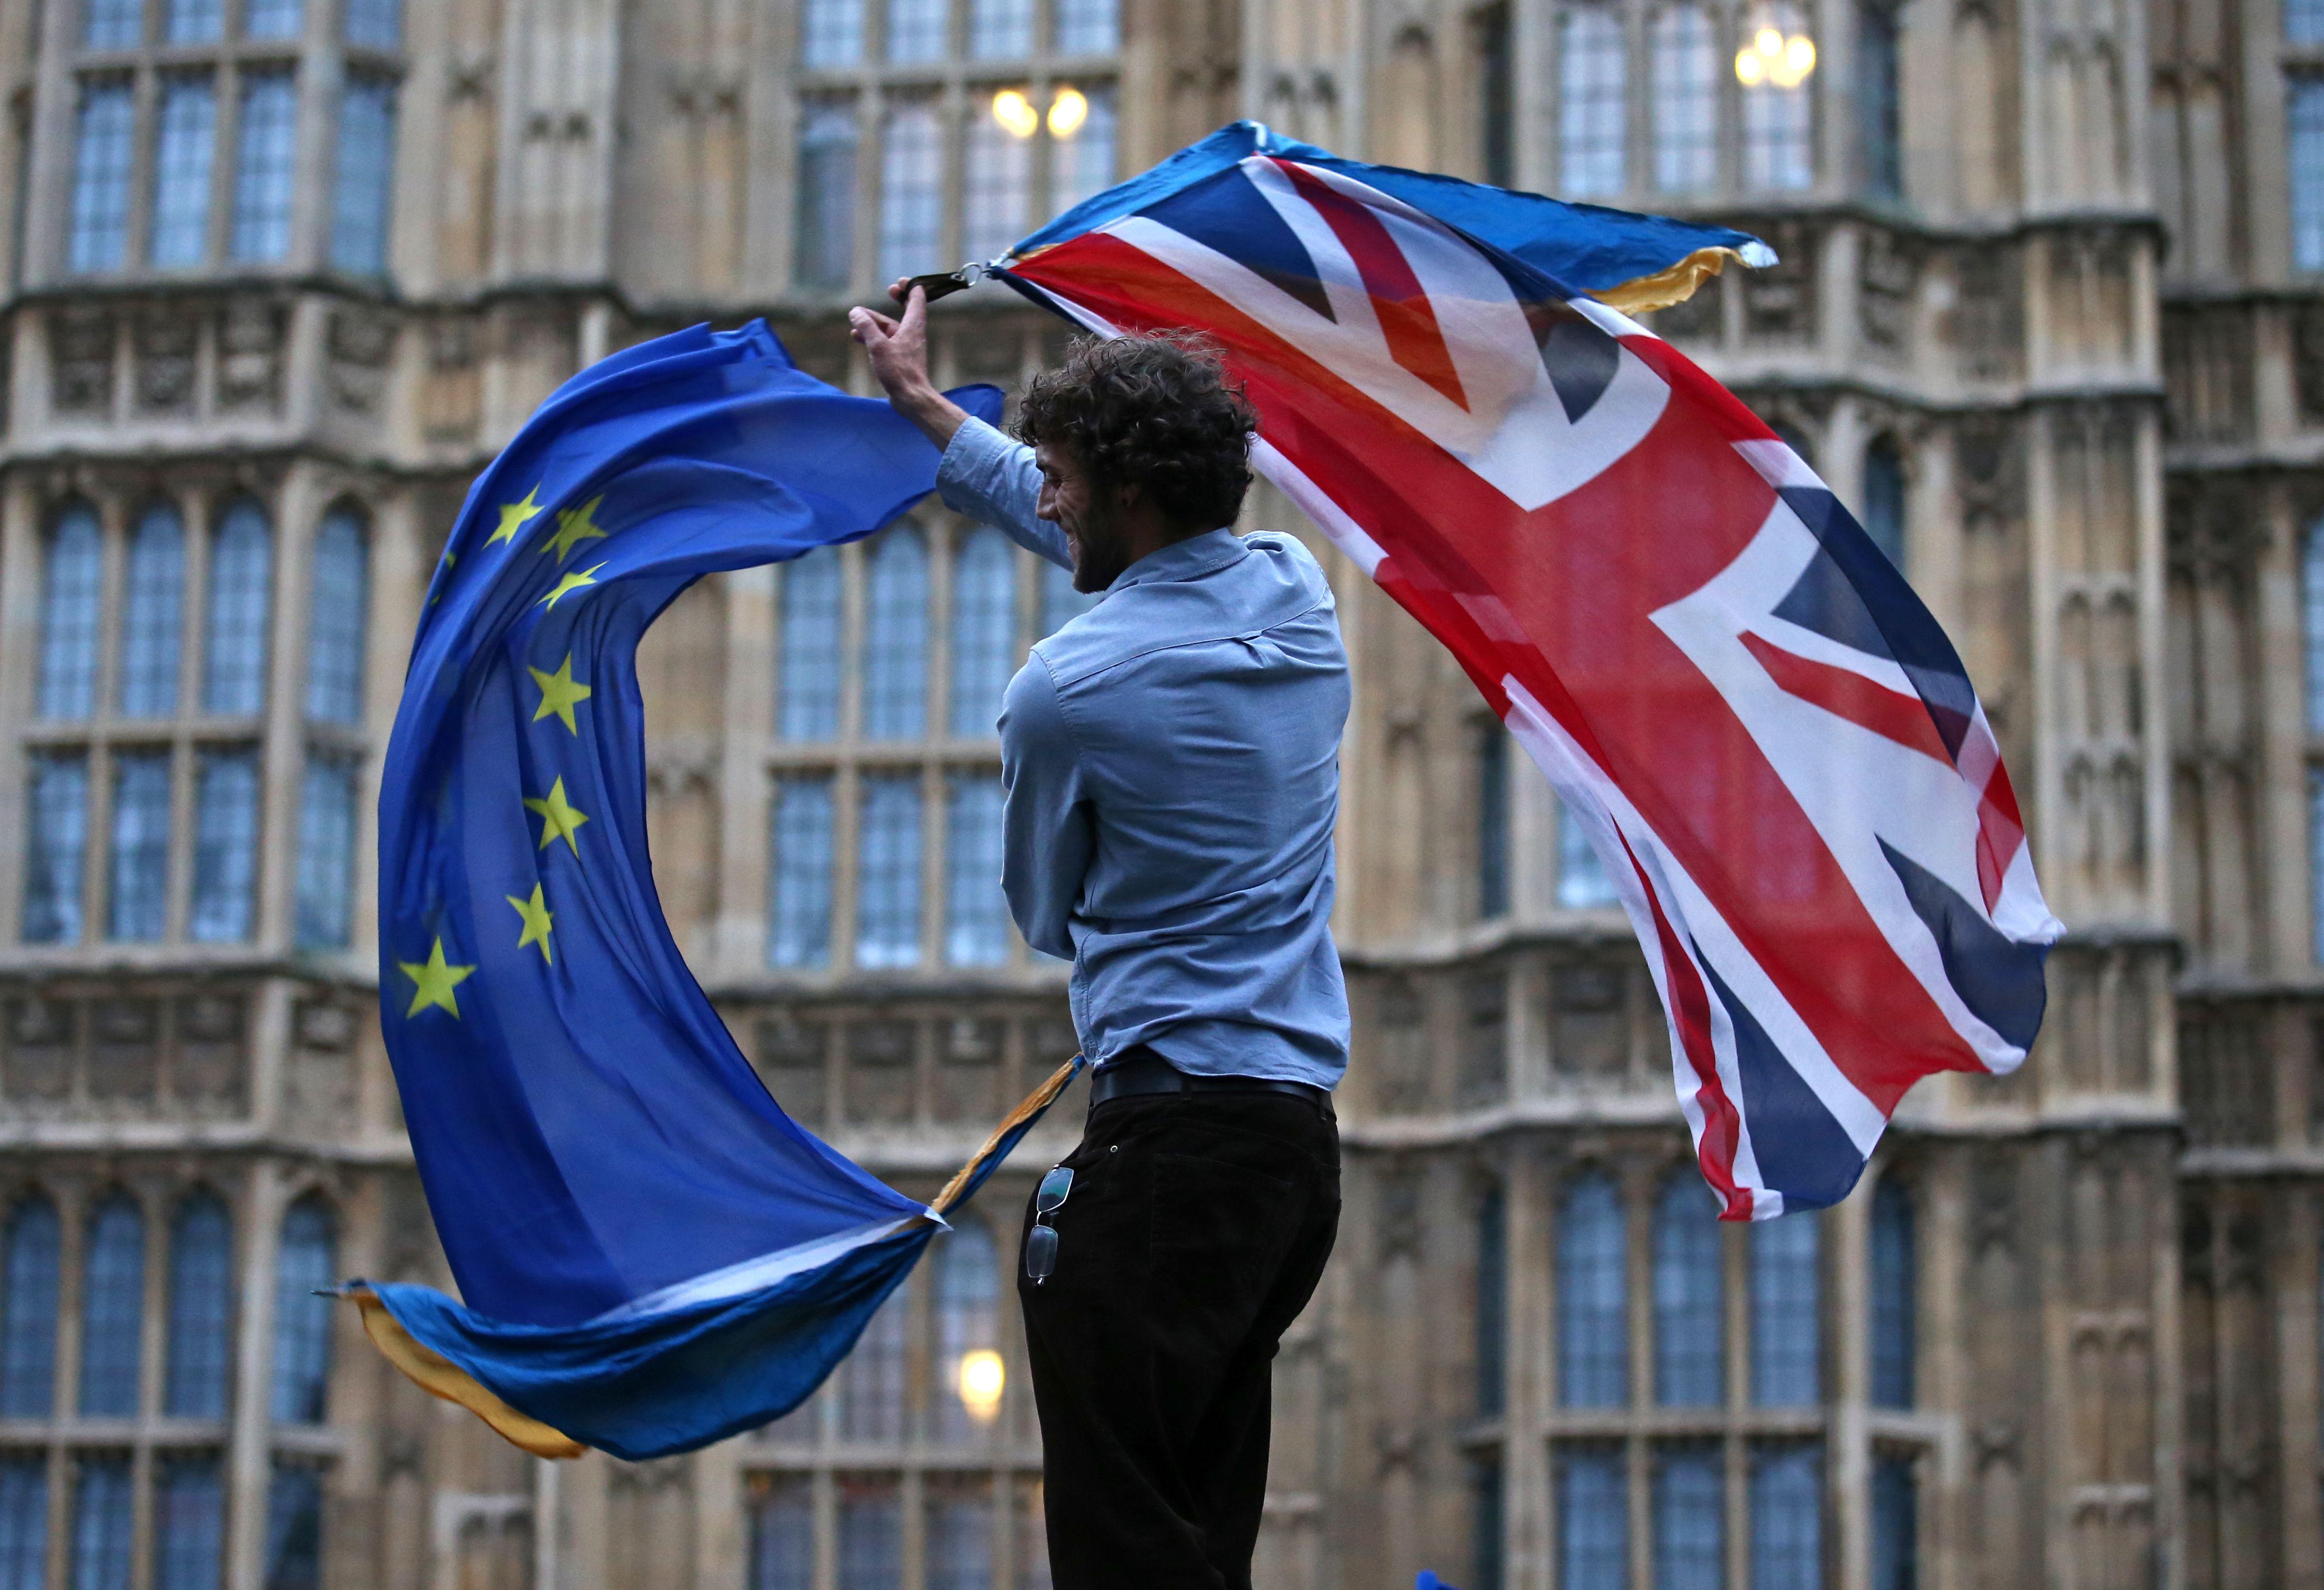 Banderas europeas y británicas.